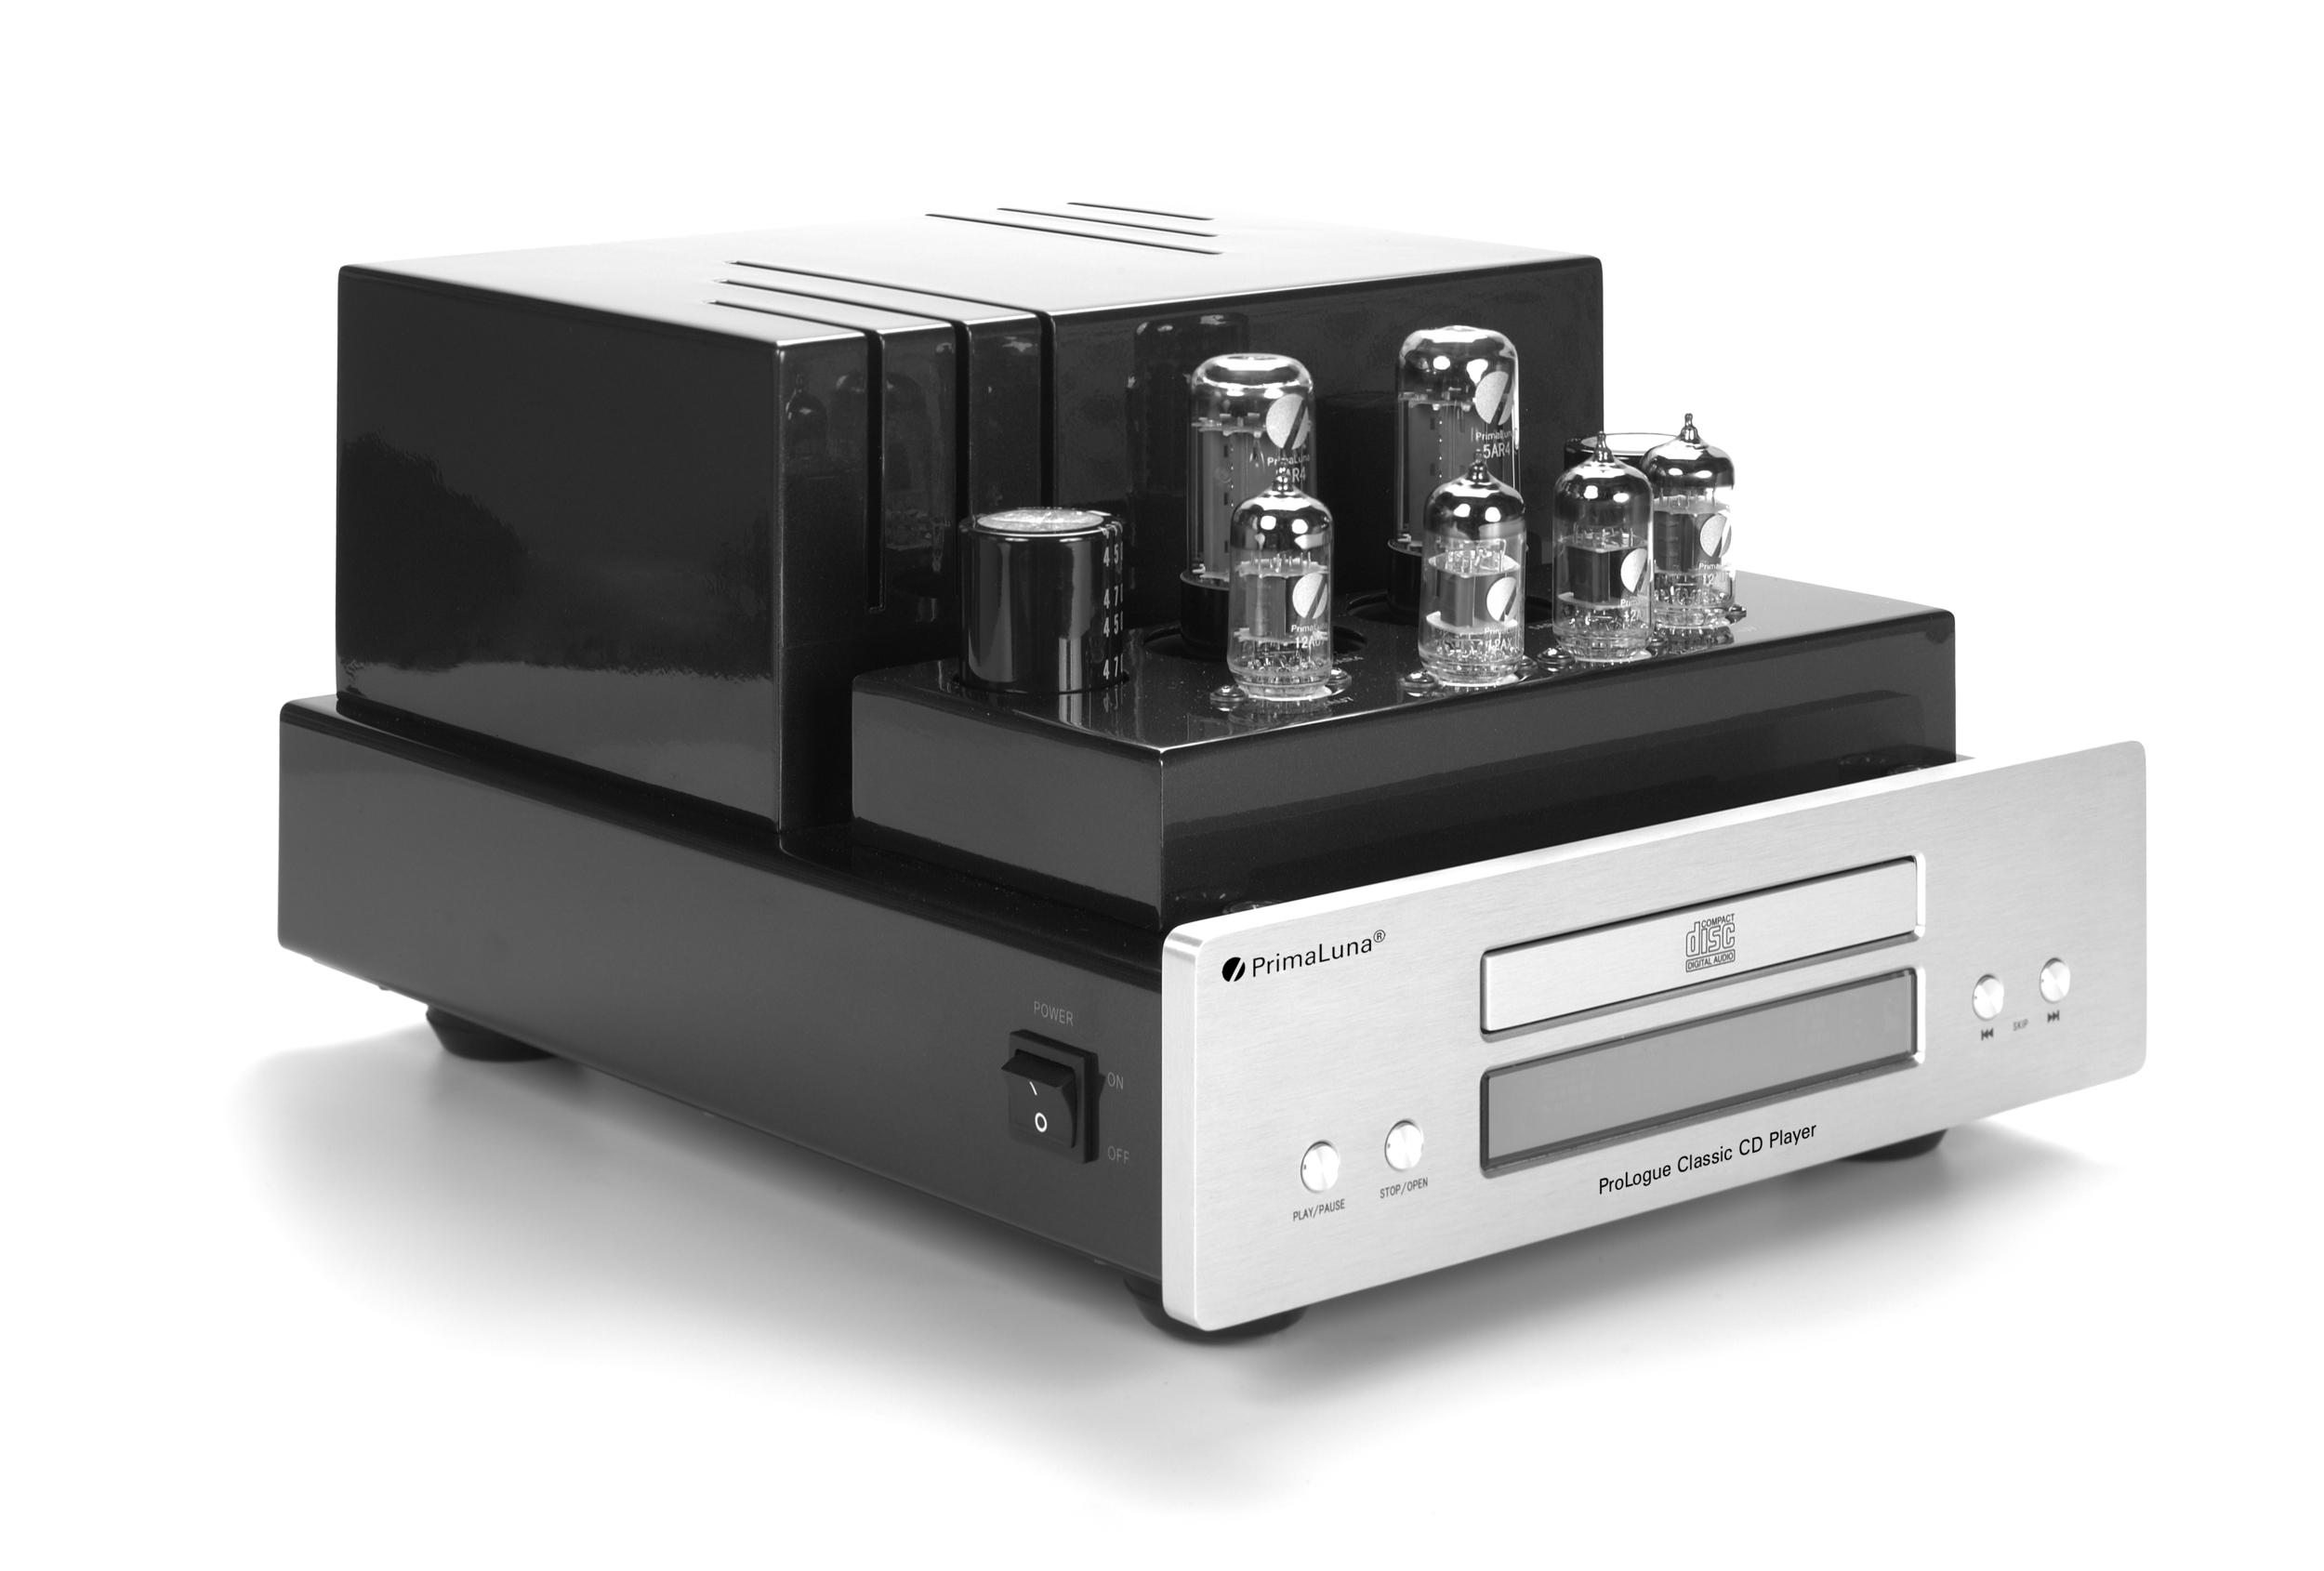 007-PrimaLuna Classic CD Player-zilver.jpg